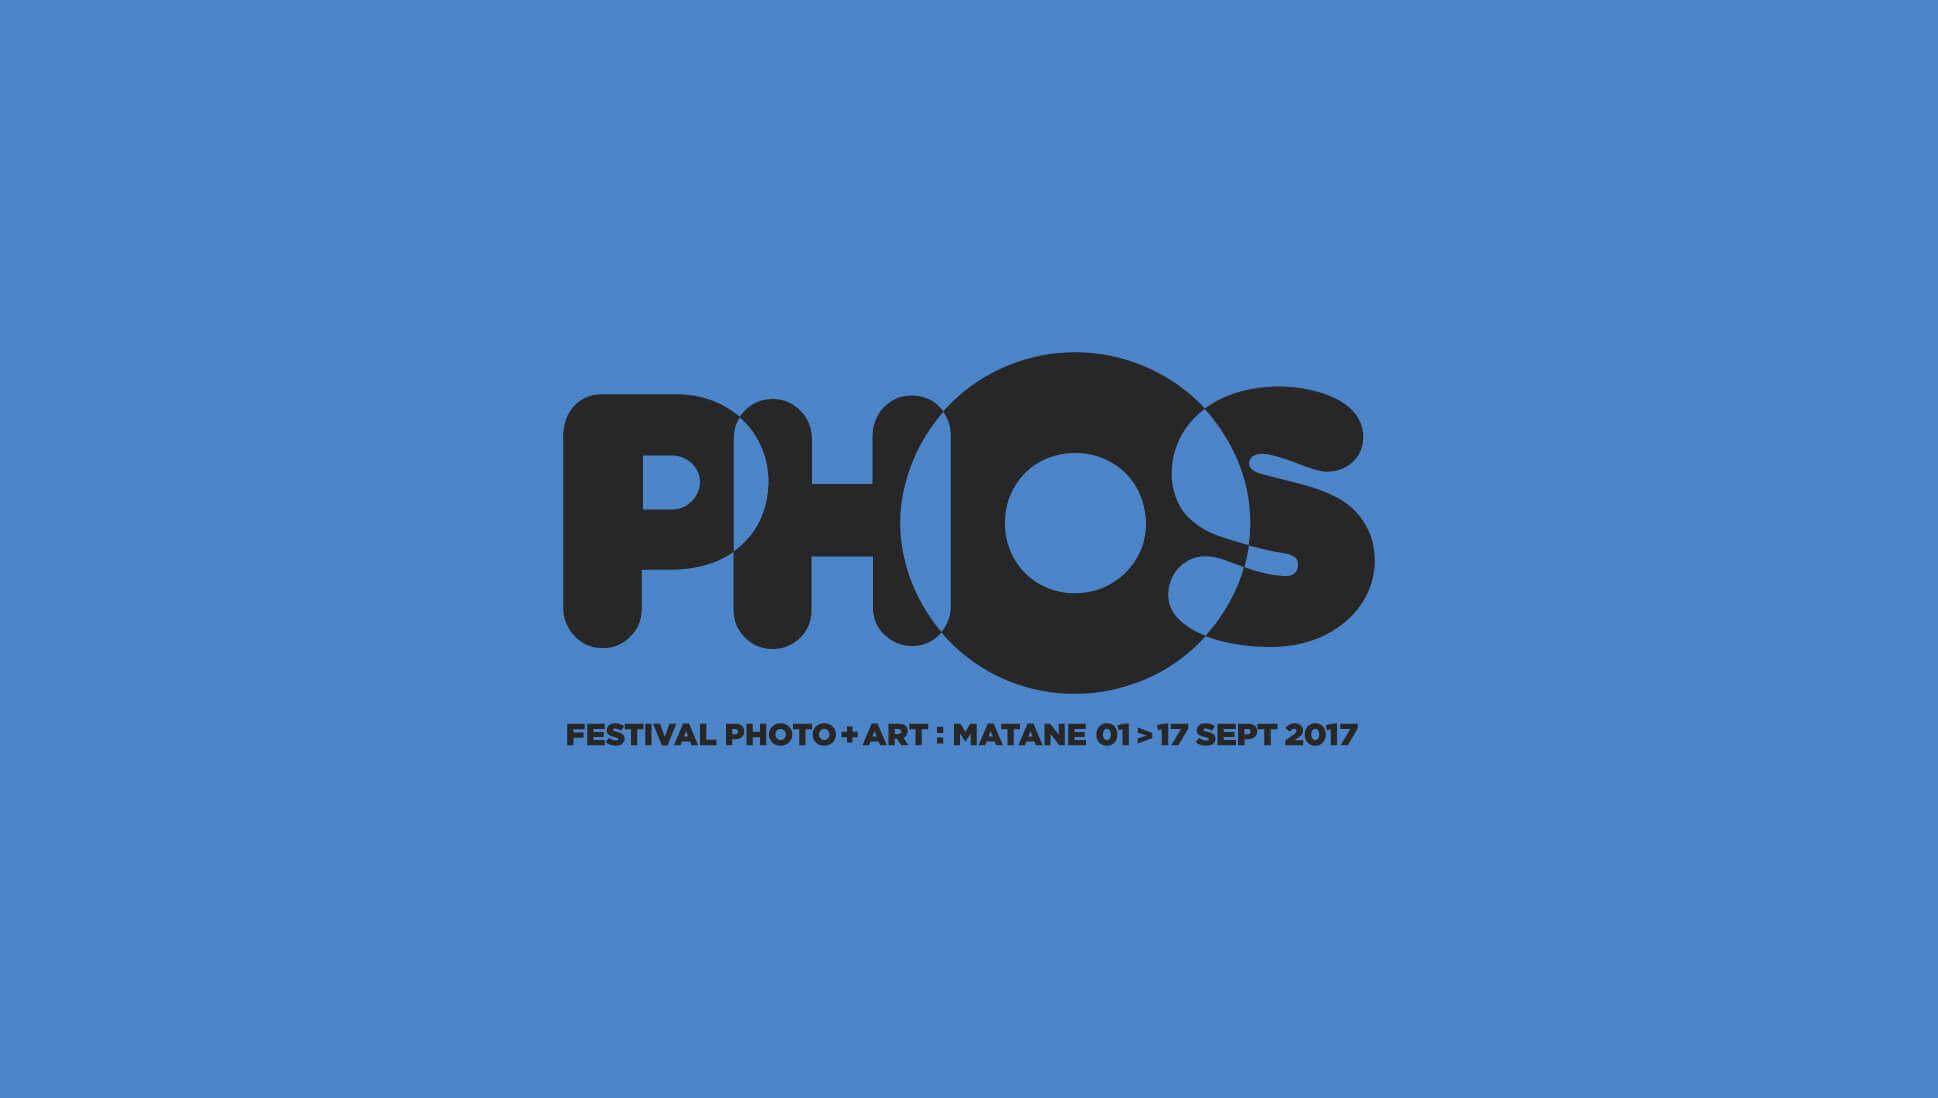 Phos Festival 2017 Pre Lancement Jeudi 31 Aout 2017 Evenements